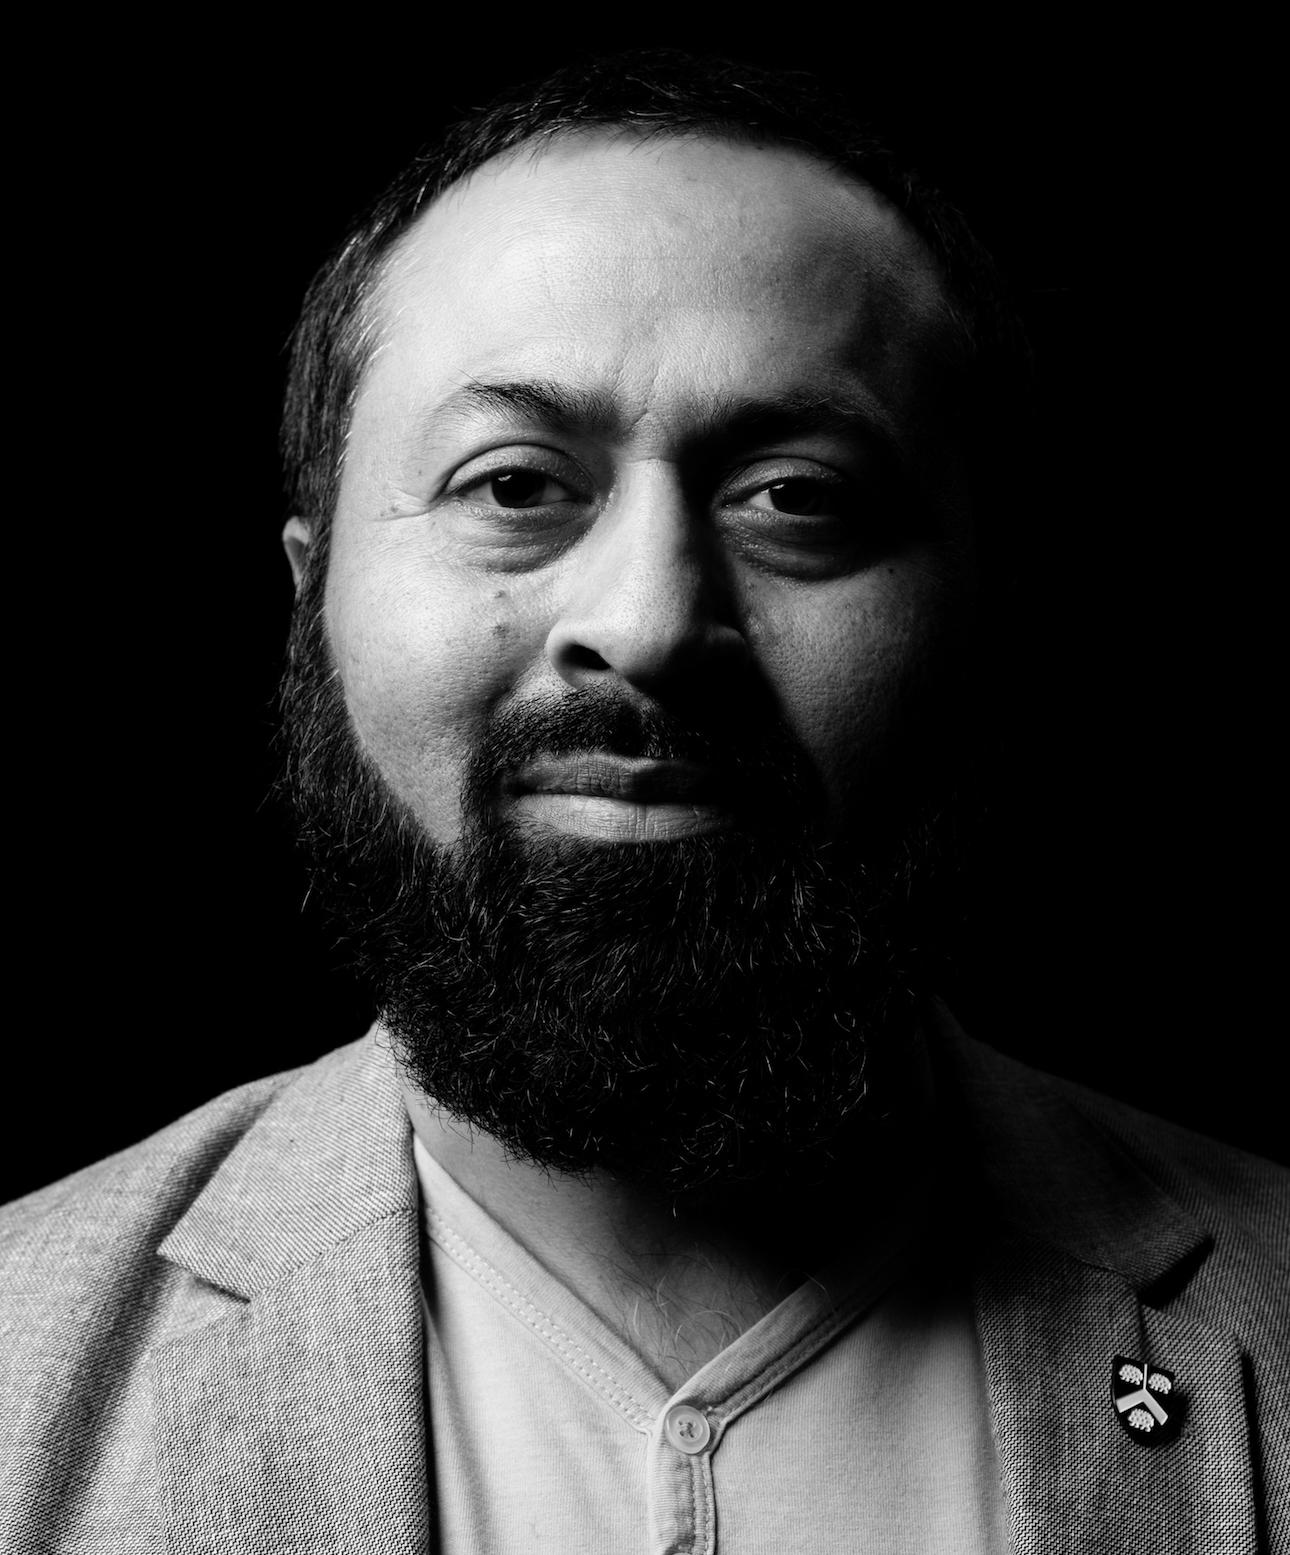 Akhtar Ali